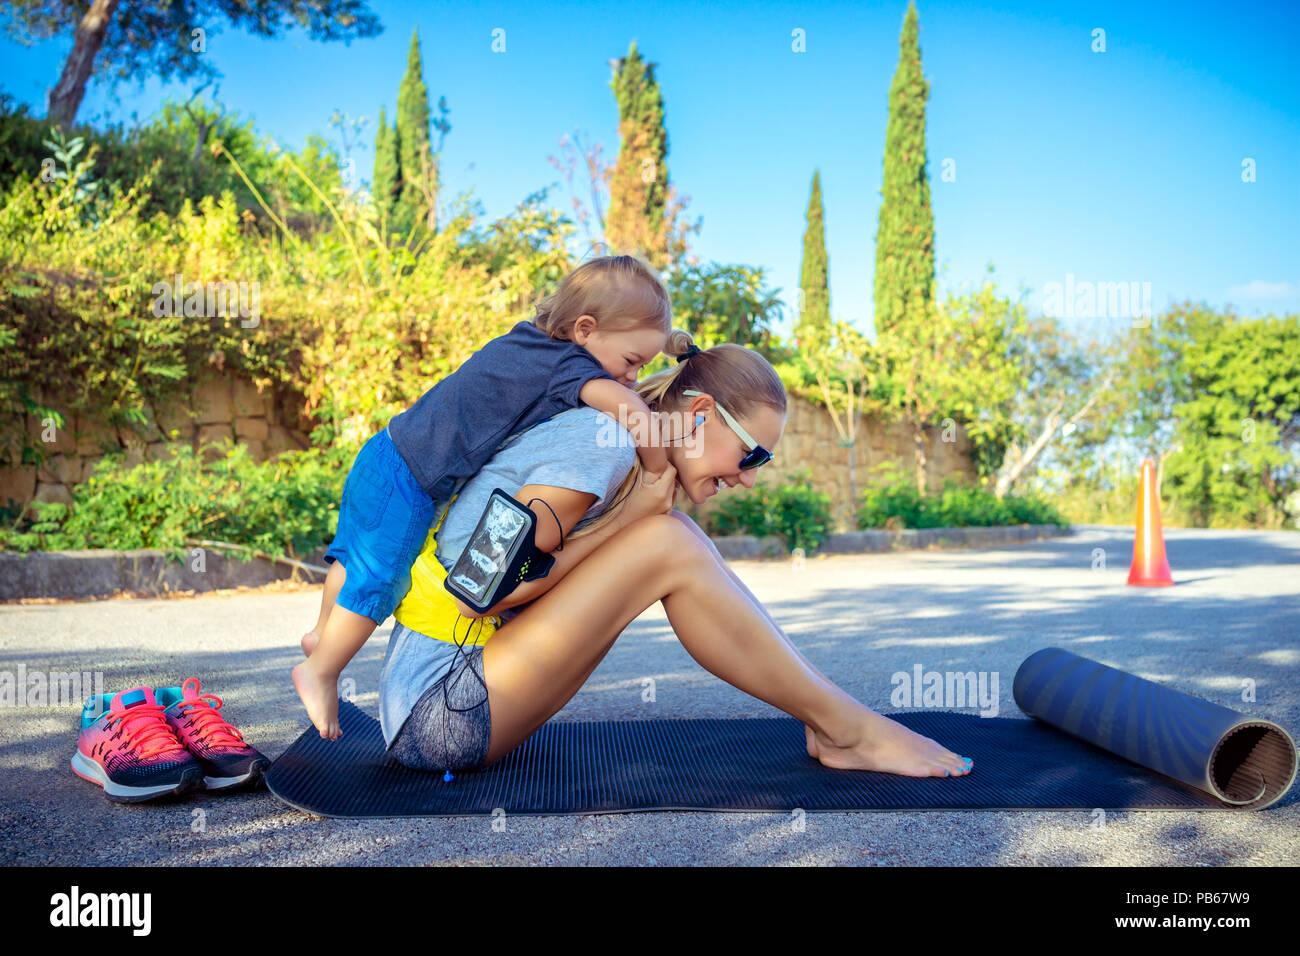 Mamá y su hijo jugar juegos de deportes en el parque en un día soleado de verano, feliz de la infancia activa, buena familia cariñosa concepto Imagen De Stock